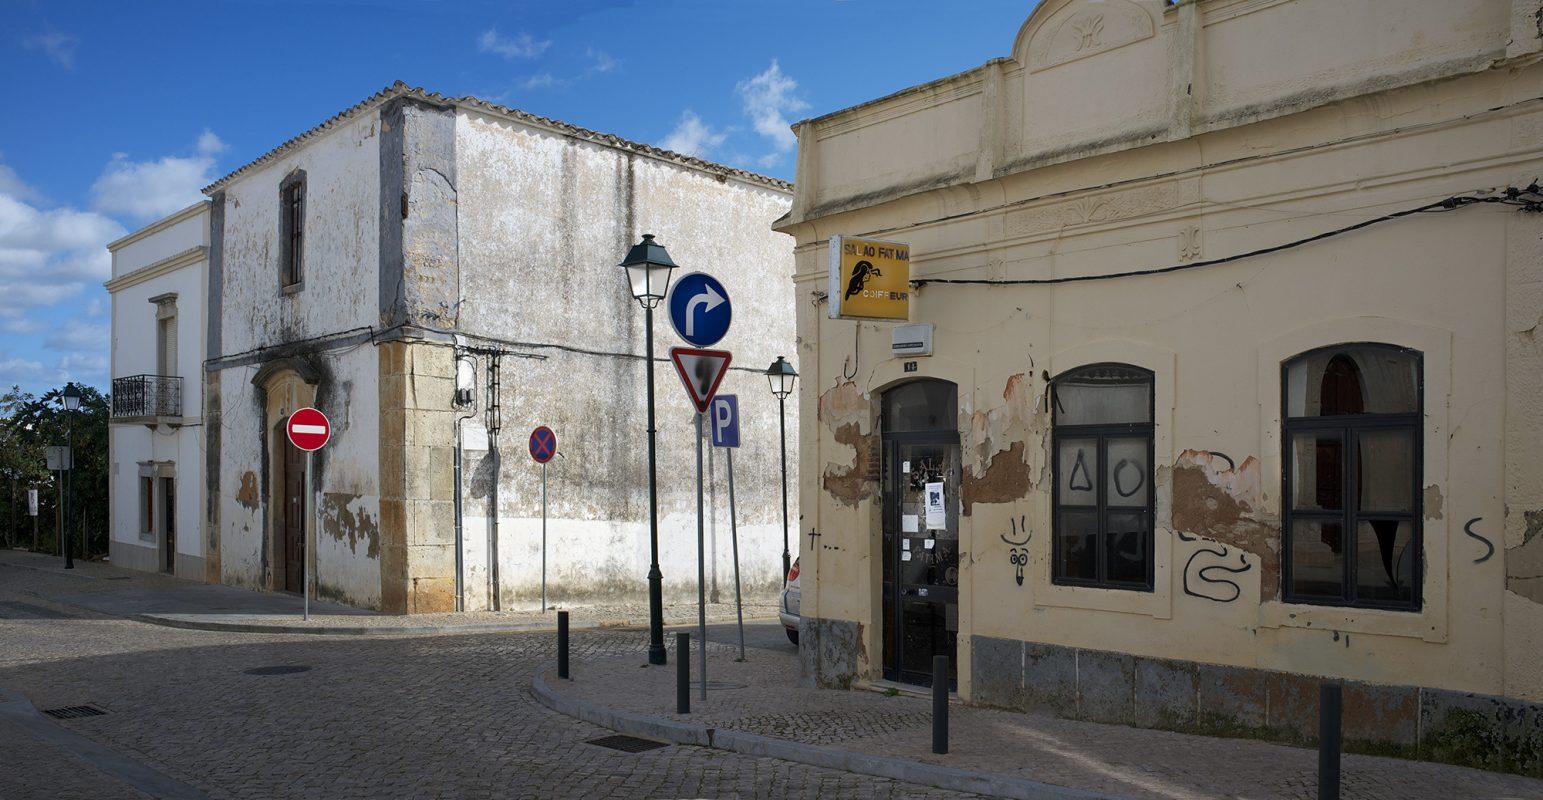 Straßenecke Schilder